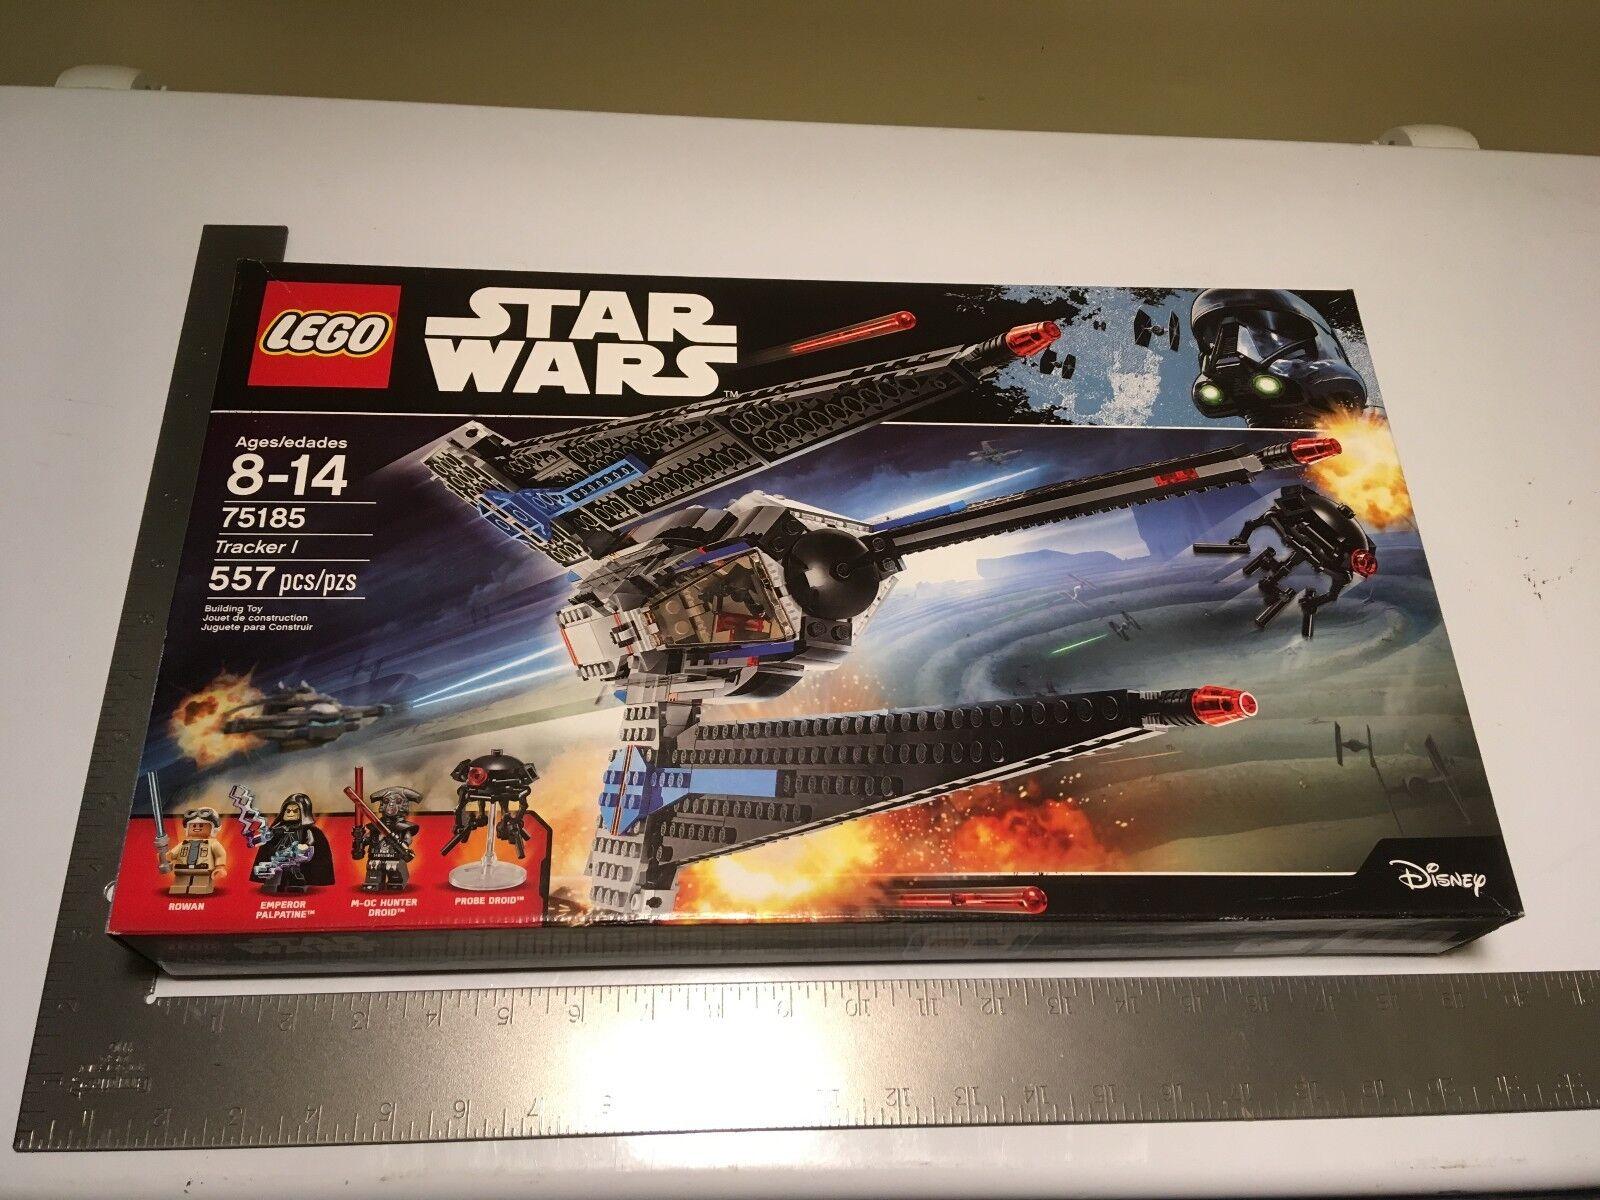 Nuevo  de Lego 75185 Star Wars Tracker I 2017 (sellado de fábrica)